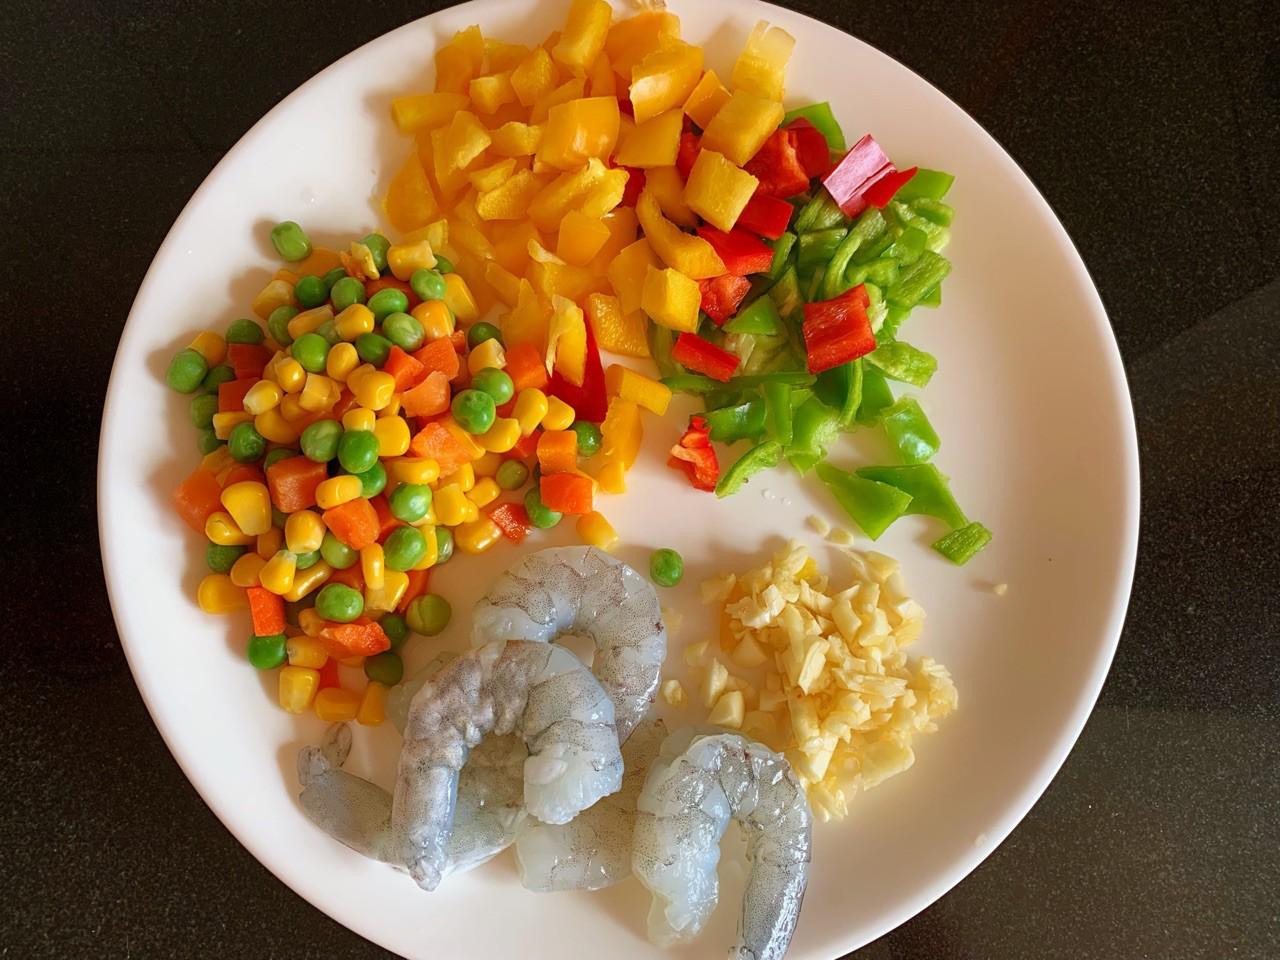 Chỉ 1 món tôm xào rau củ ăn với cơm thì tôi thoải mái yên tâm bữa tối đủ chất mà vẫn thật nhanh gọn! - Ảnh 1